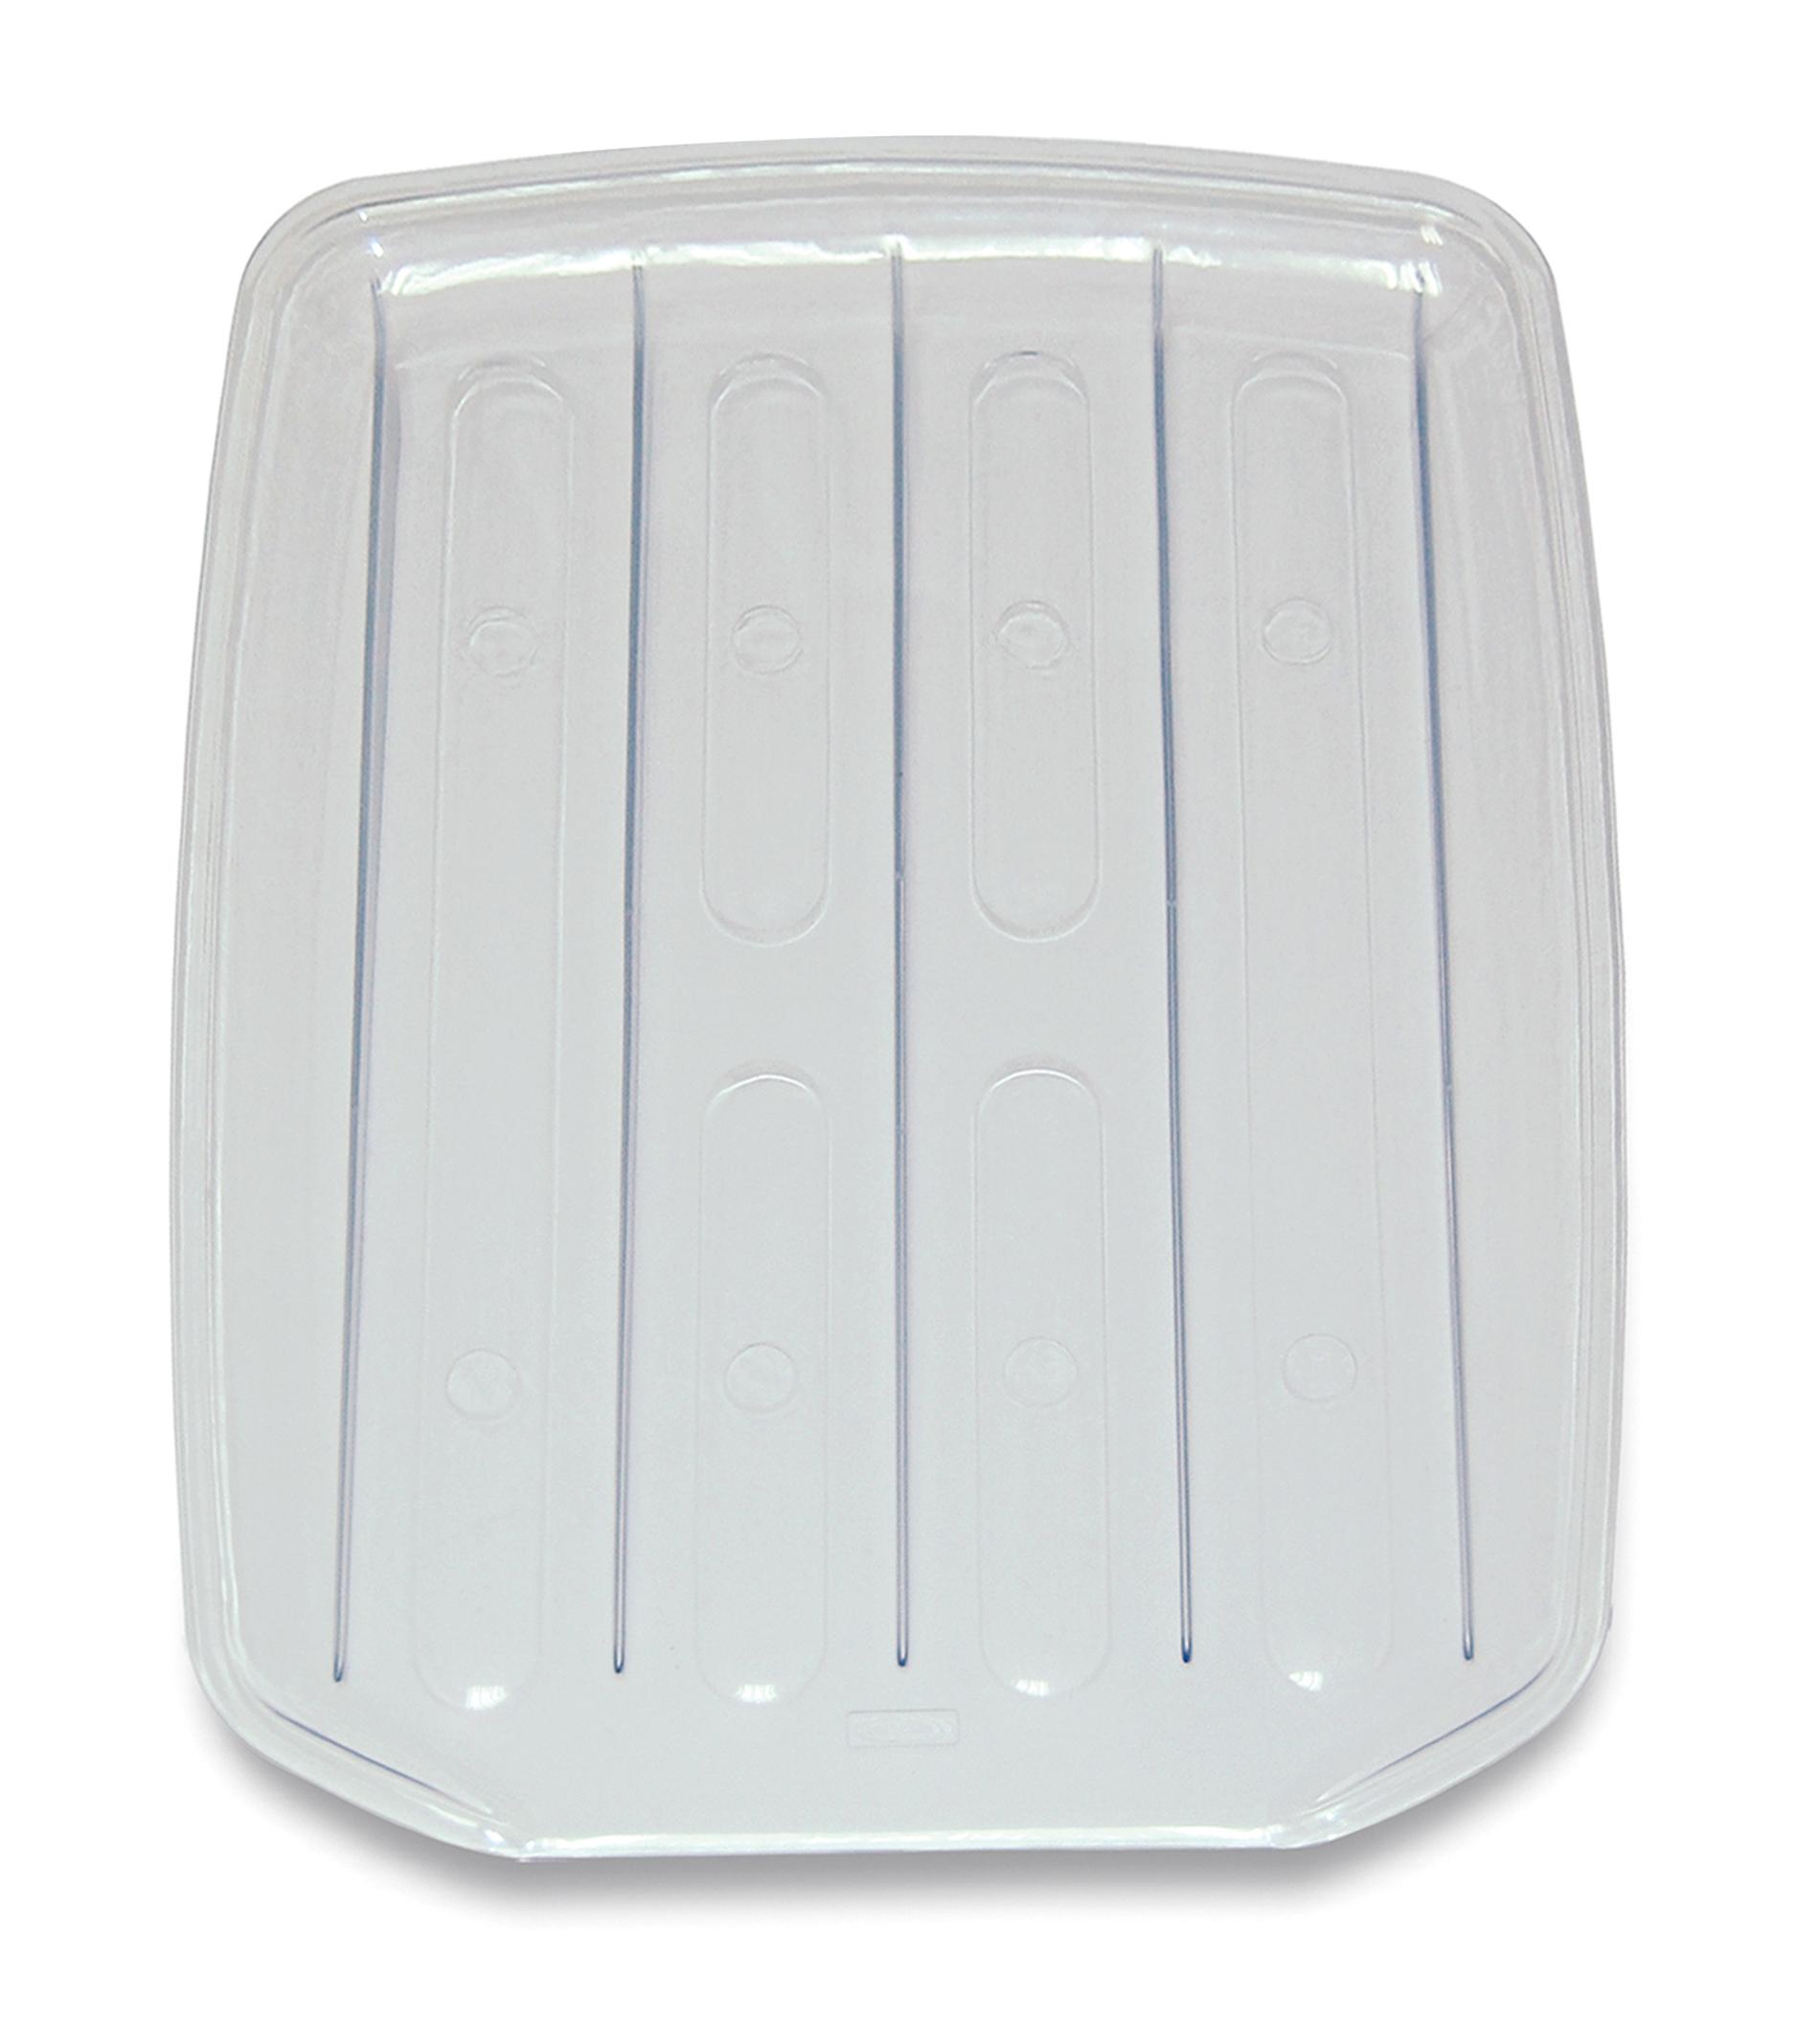 Dish Drain Board, Clear-009-09133